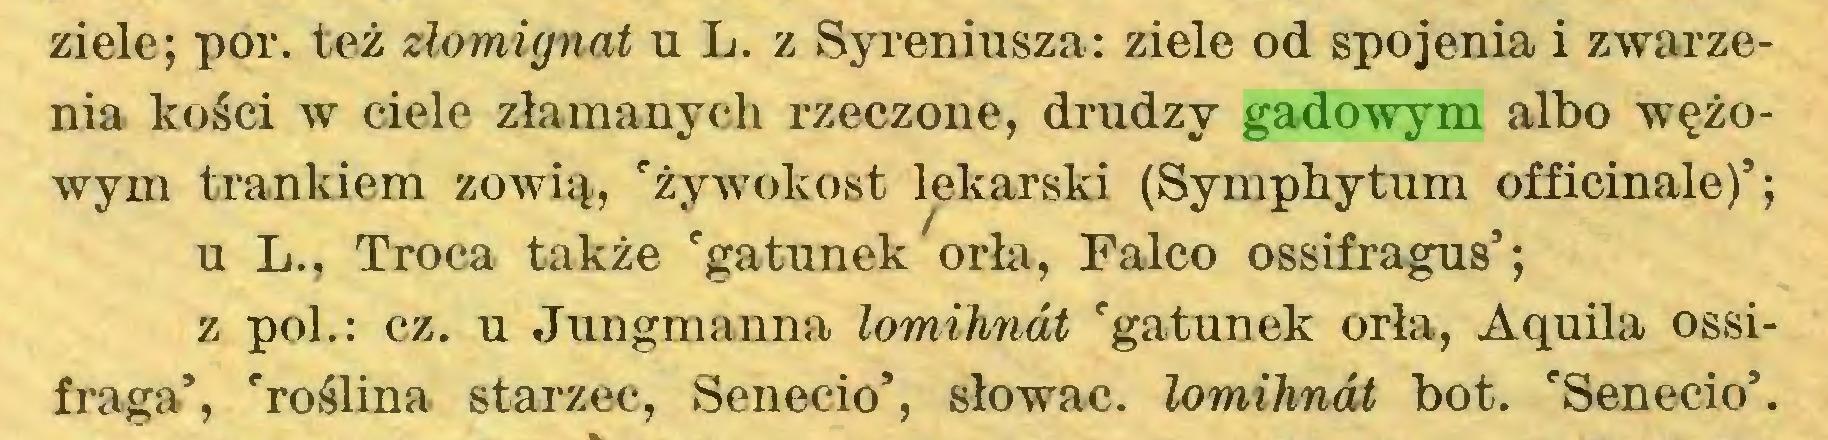 (...) ziele; por. też złomignat u L. z Syreniusza: ziele od spojenia i zwarzenia kości w ciele złamanych rzeczone, drudzy gadowym albo wężowym trankiem zowią, 'żywokost lekarski (Symphytum officinale)'; u L., Troca także 'gatunek orła, Falco ossifragus'; z poi.: cz. u Jungmanna lomihnót 'gatunek orła, Aquila ossifraga*, 'roślina starzec, Senecio', słowac. lomihnót bot. 'Senecio'...